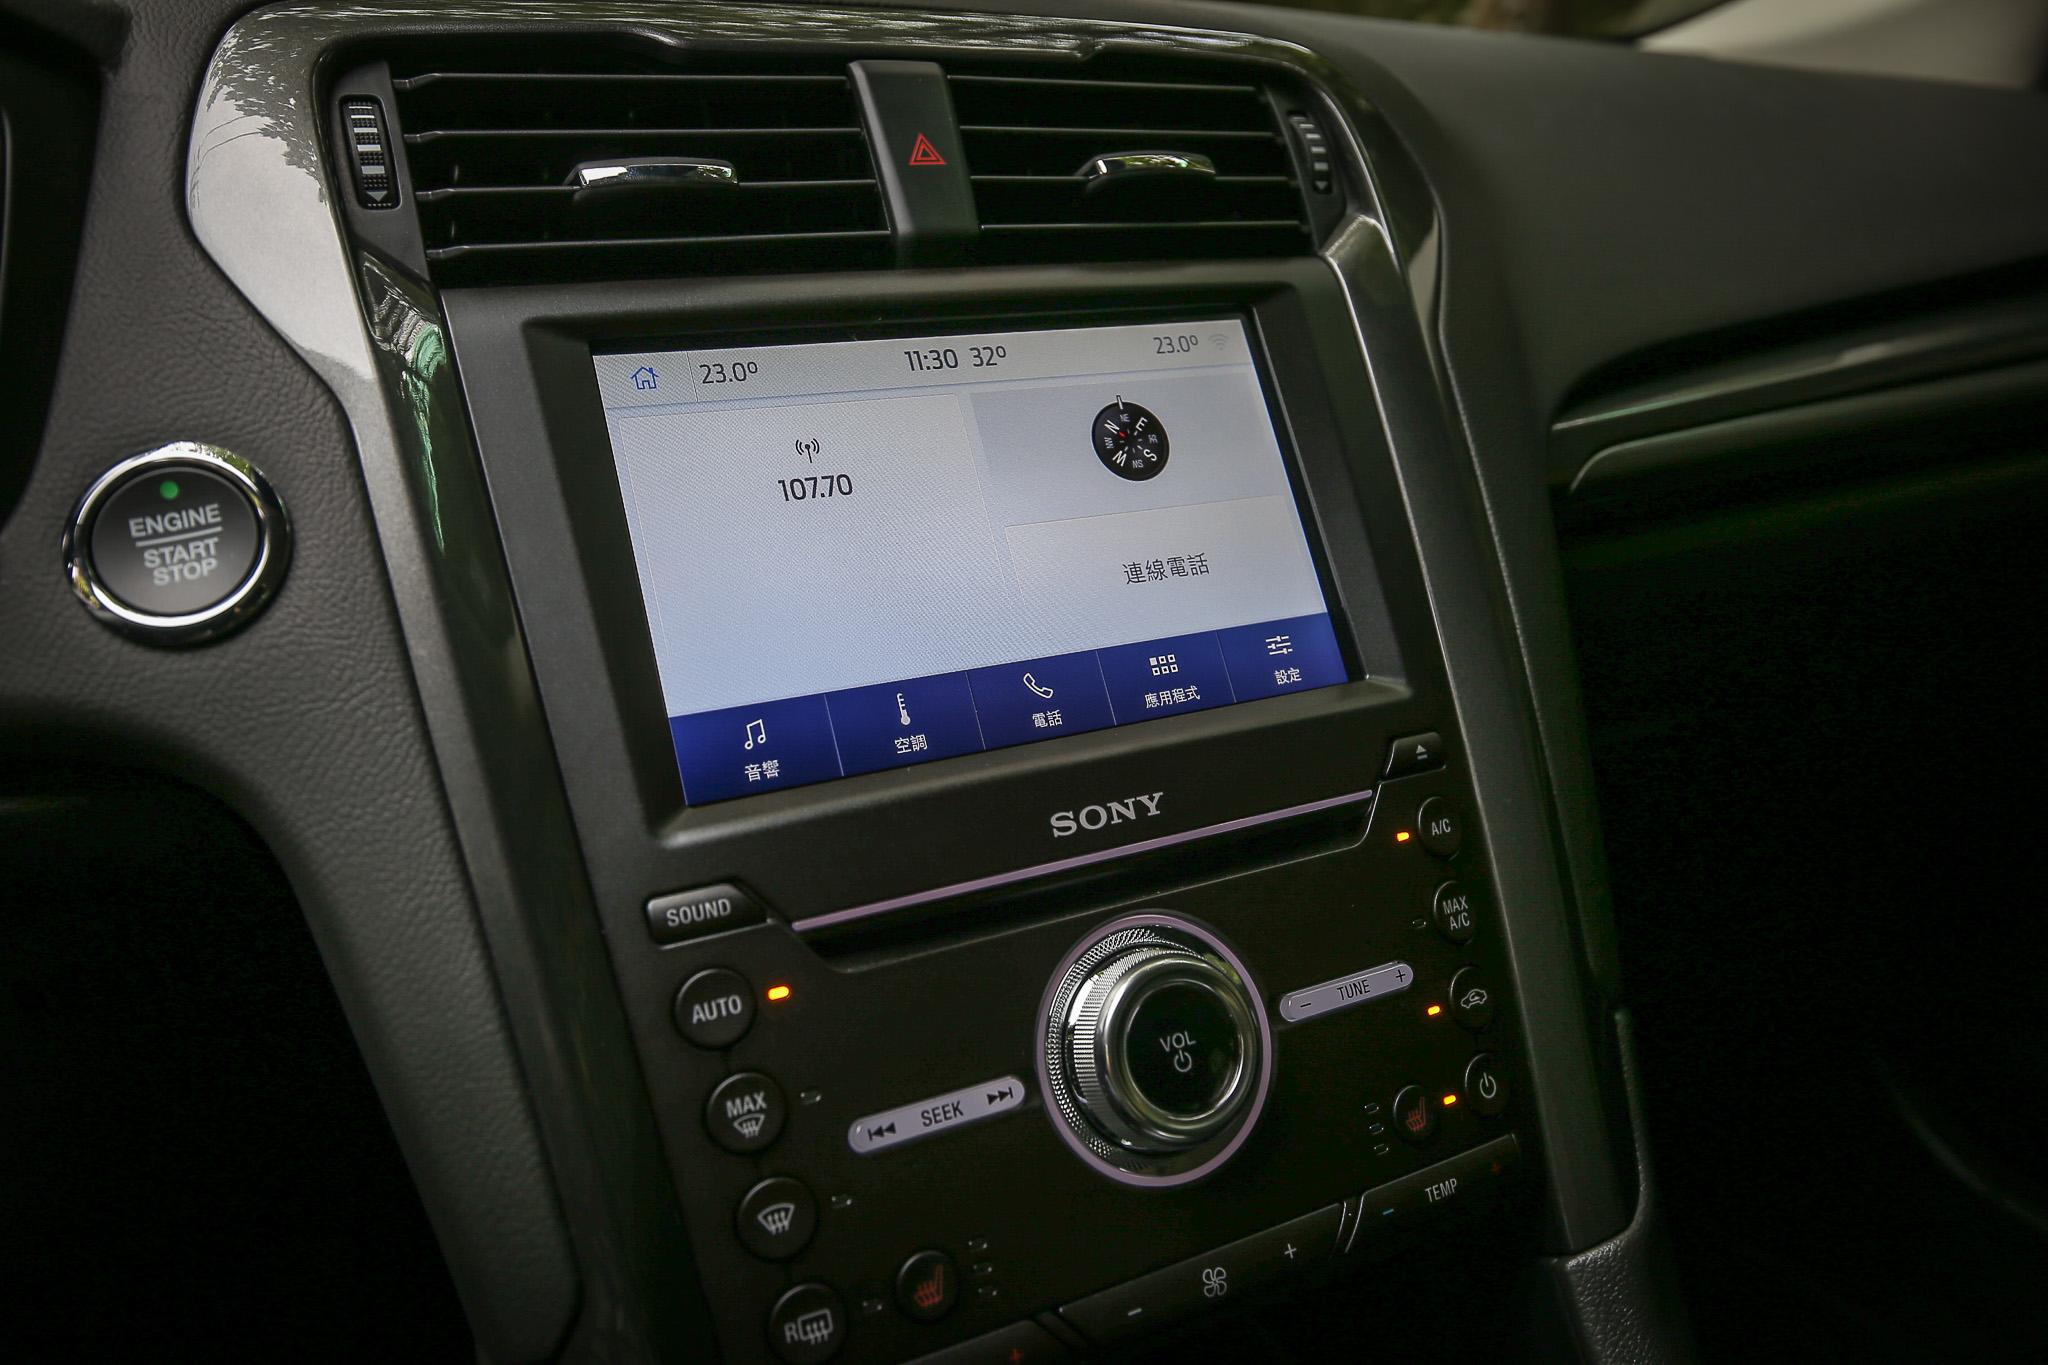 搭載 SYNC 3 娛樂通訊整合系統與 8 吋 LCD 彩色觸控螢幕,支援 Apple CarPlay 與 Android Auto 系統;同時搭載 Sony 環繞音響系統與 9 具揚聲器組合。